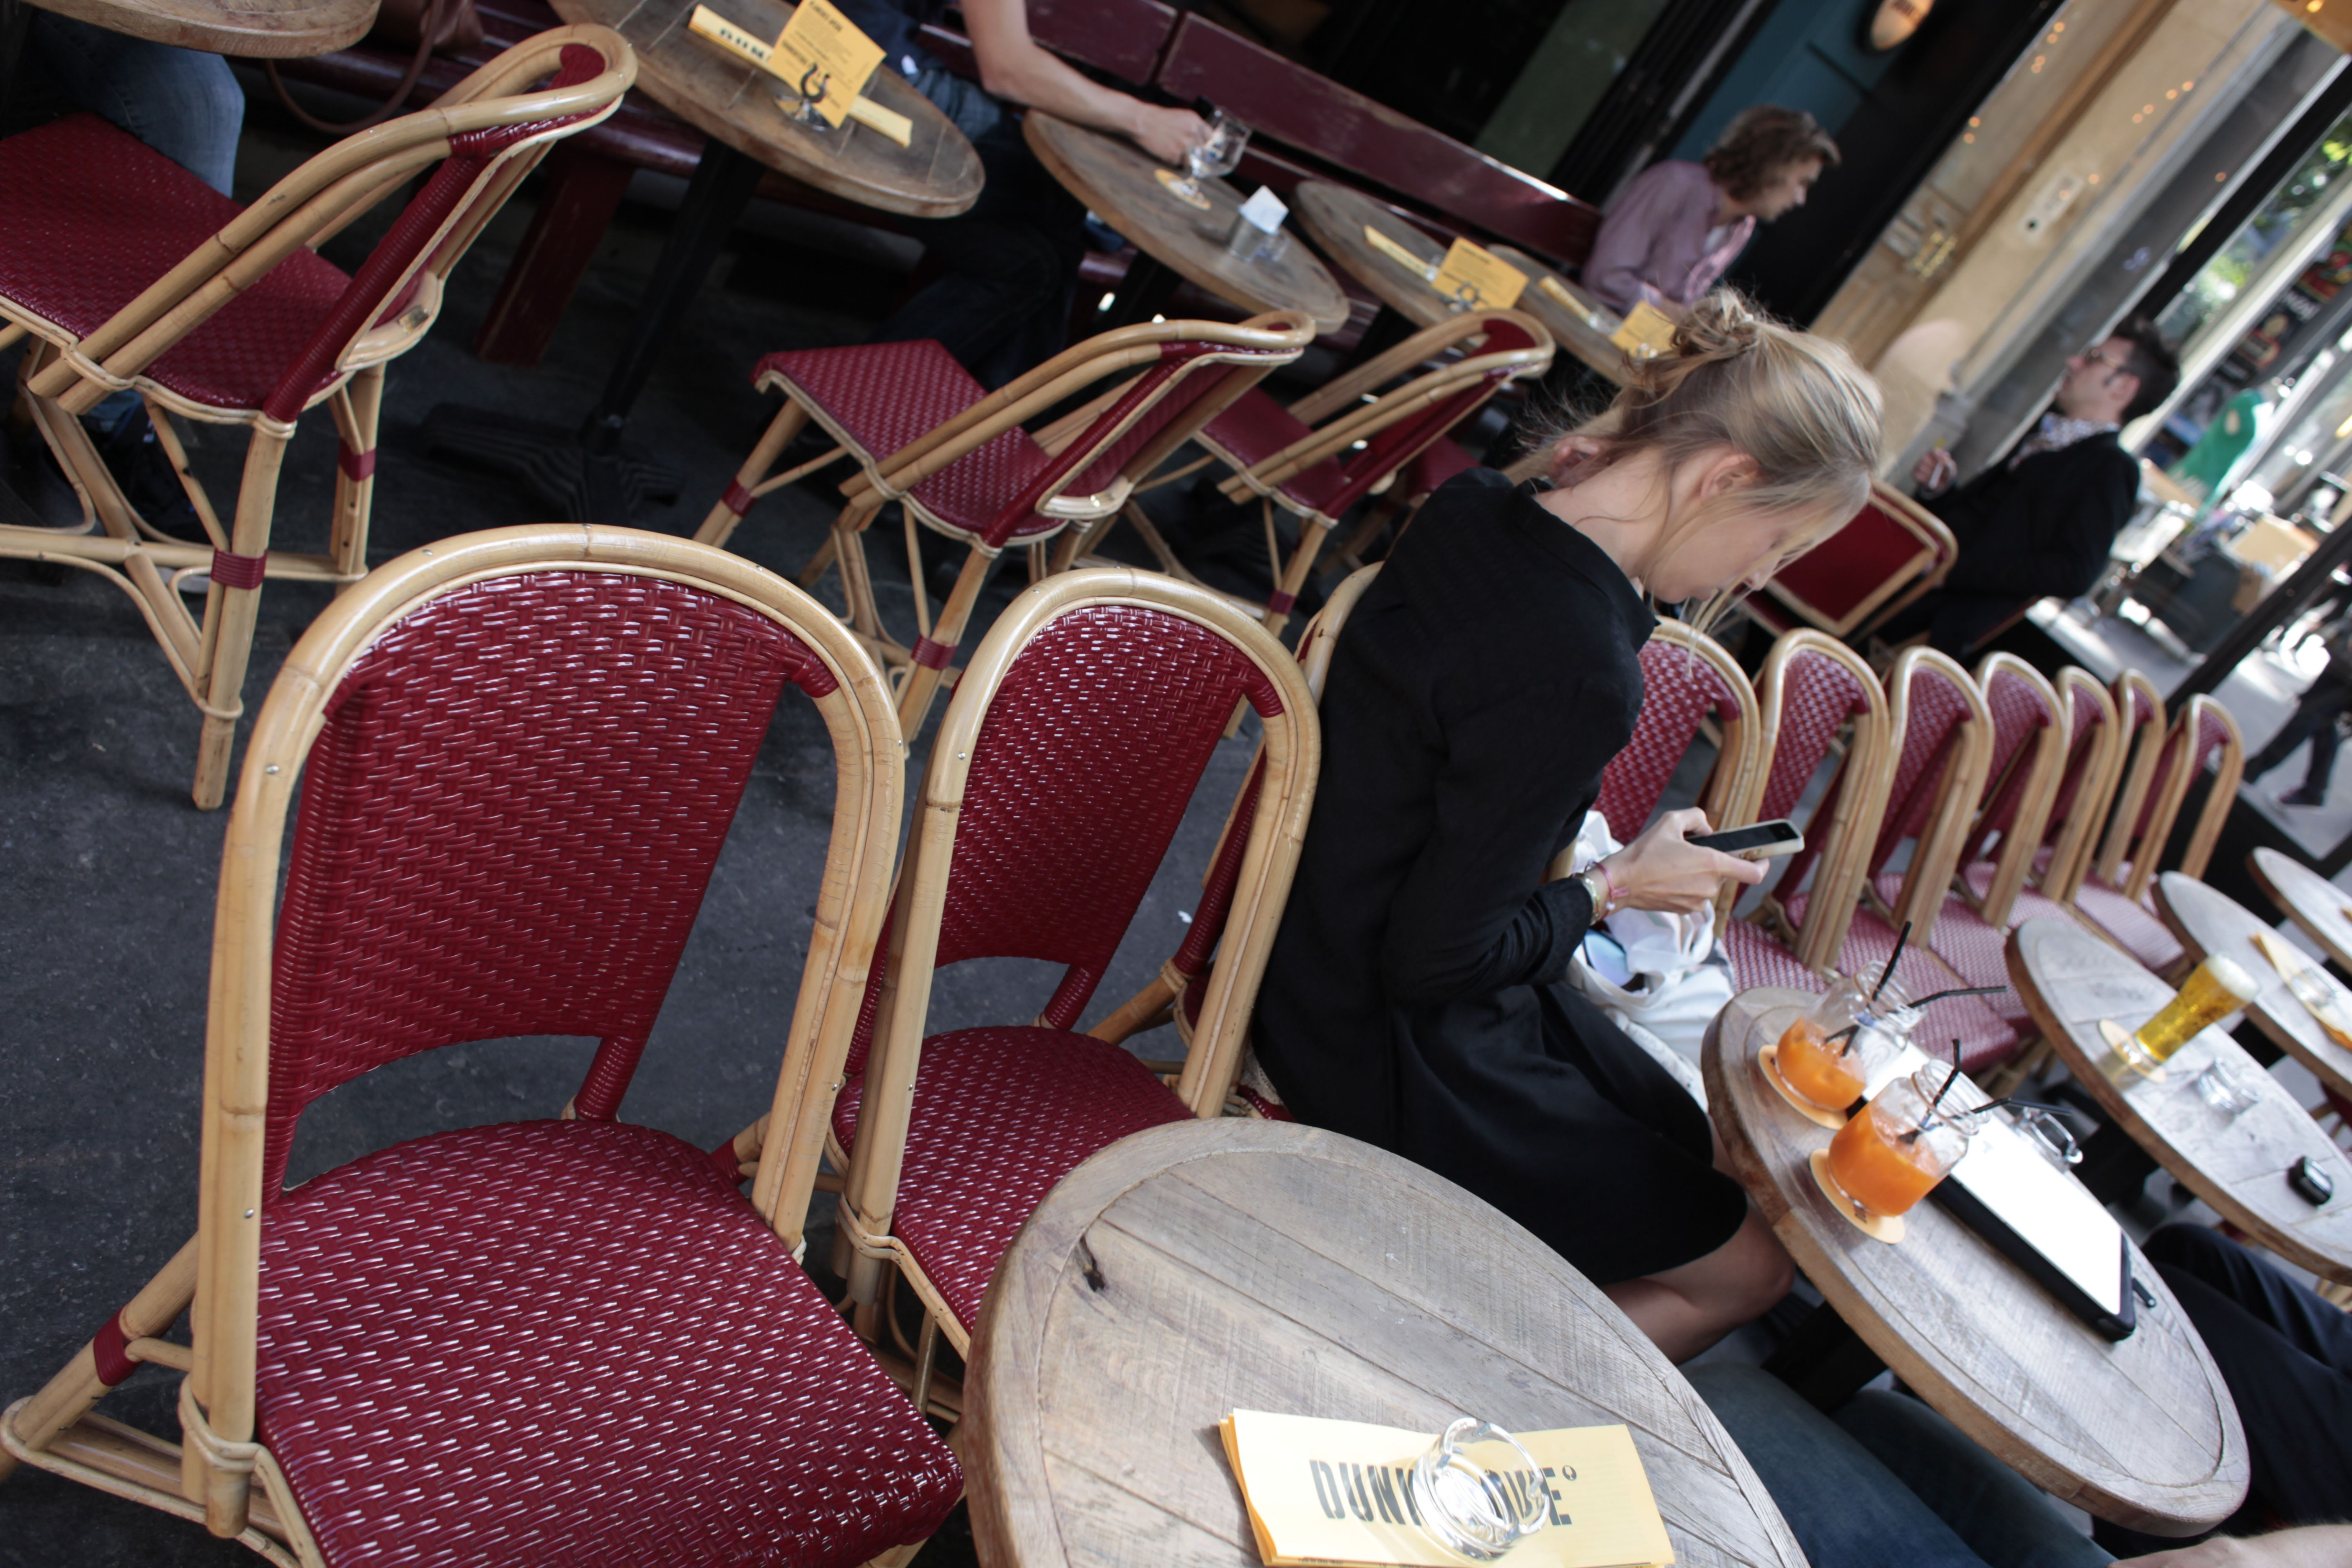 Le Dunkerque Paris Lafondad Restaurant Cafe Brasserie Dunkerque Interior Architecture Decoration Dunkerque Architecture Paris